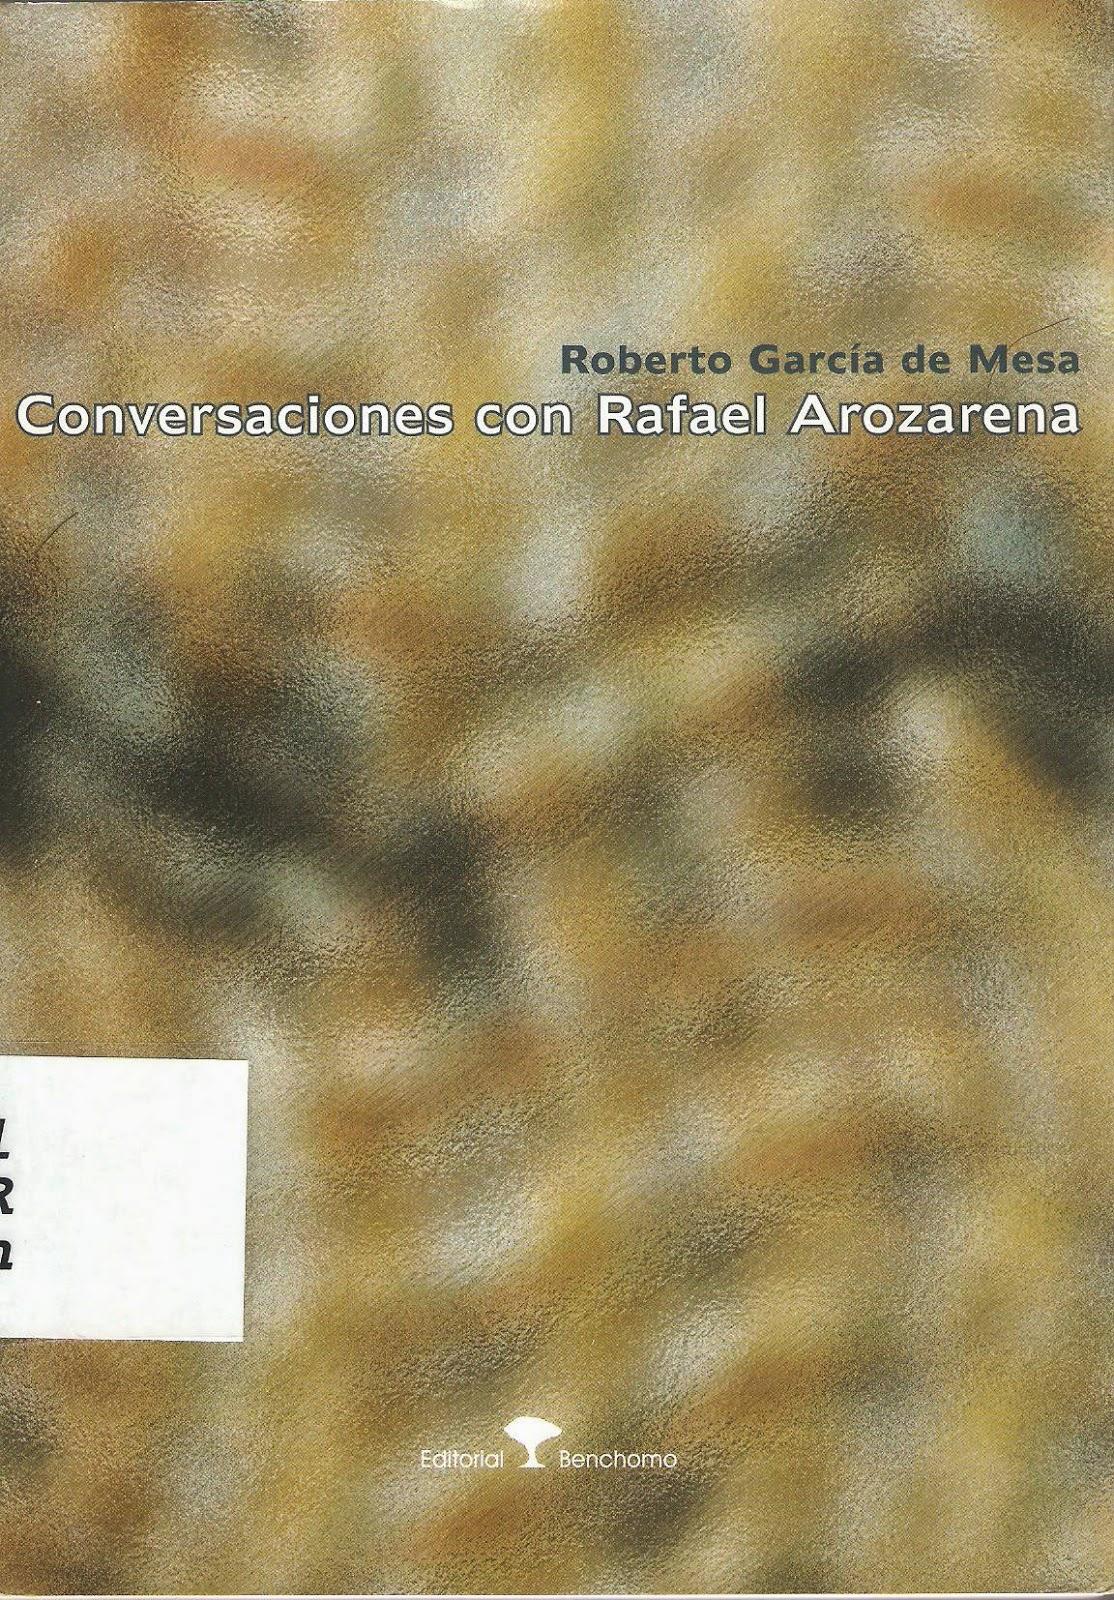 Conversaciones con Rafael Arozarena